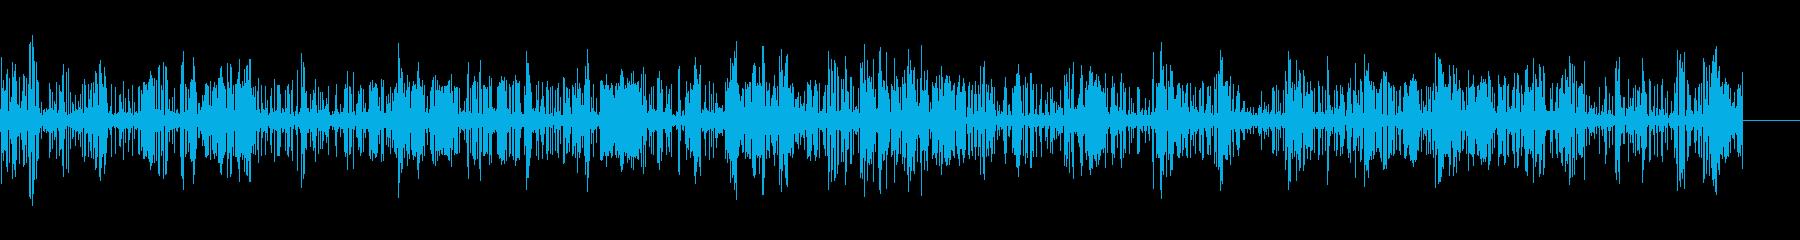 静的;ヘッドフォンスタティッククリ...の再生済みの波形